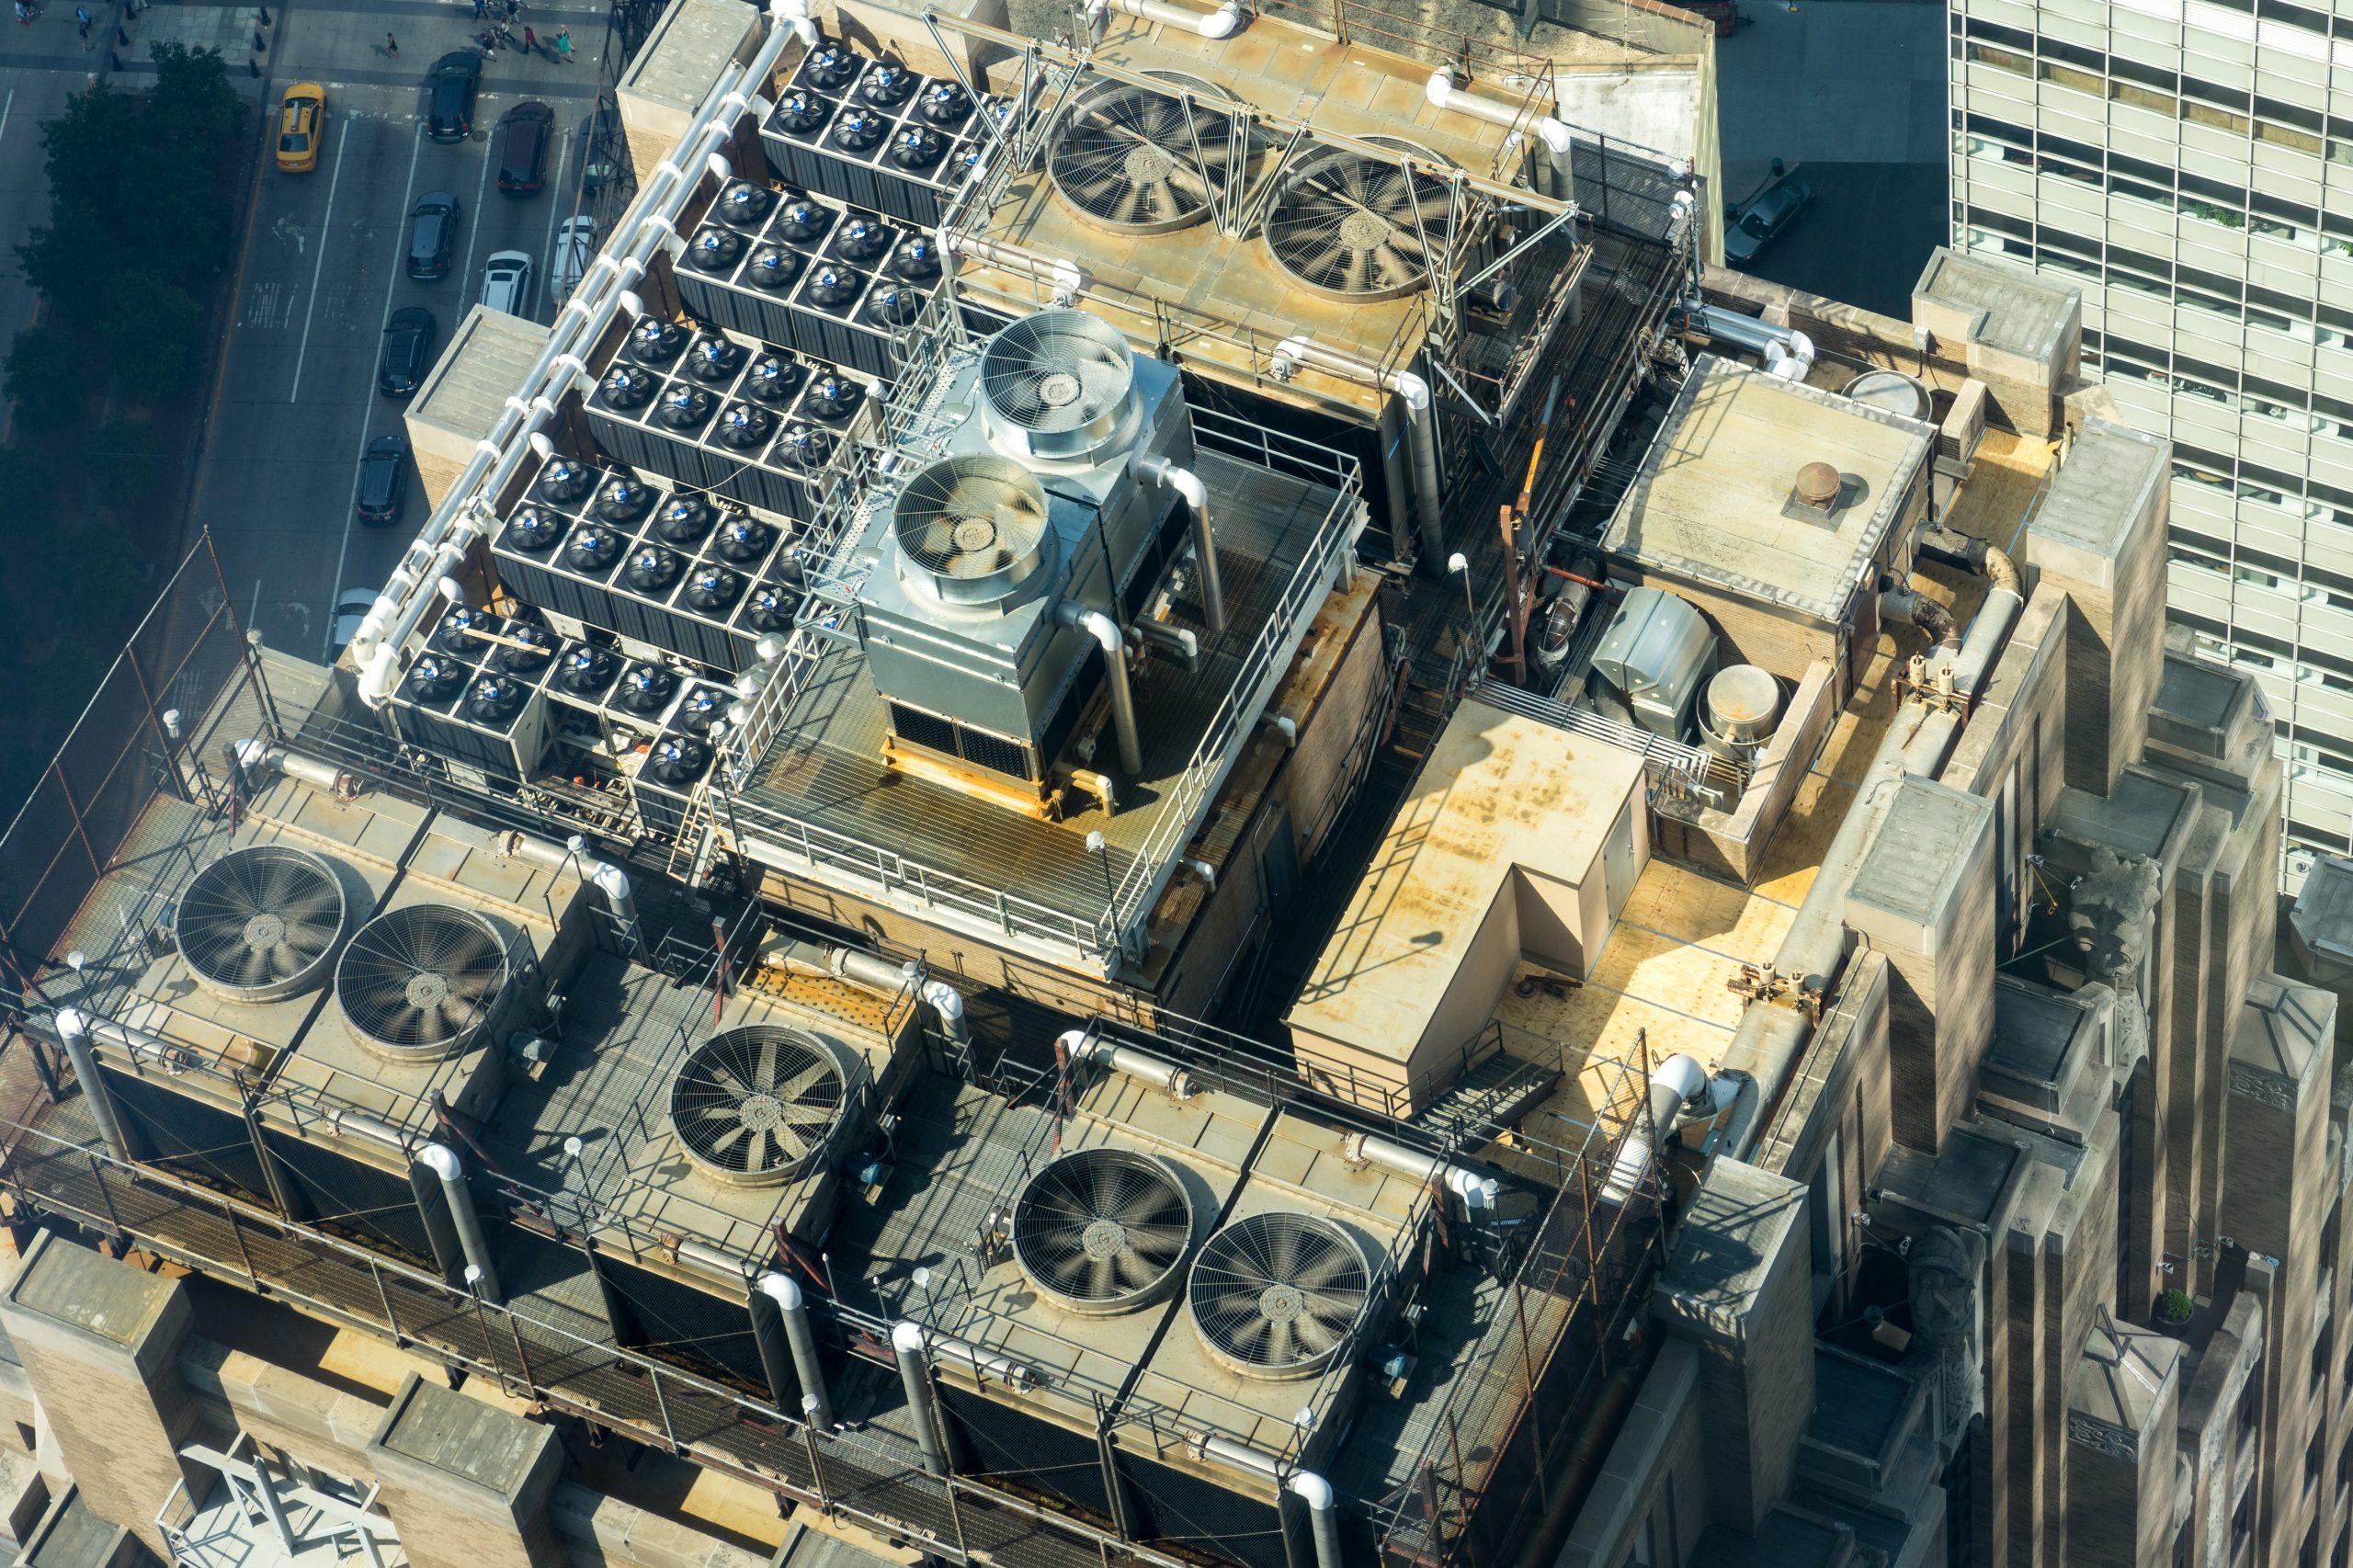 ทำไมต้องเลือกใช้บริการ โรงงานผลิตของพรีเมียม post thumbnail image